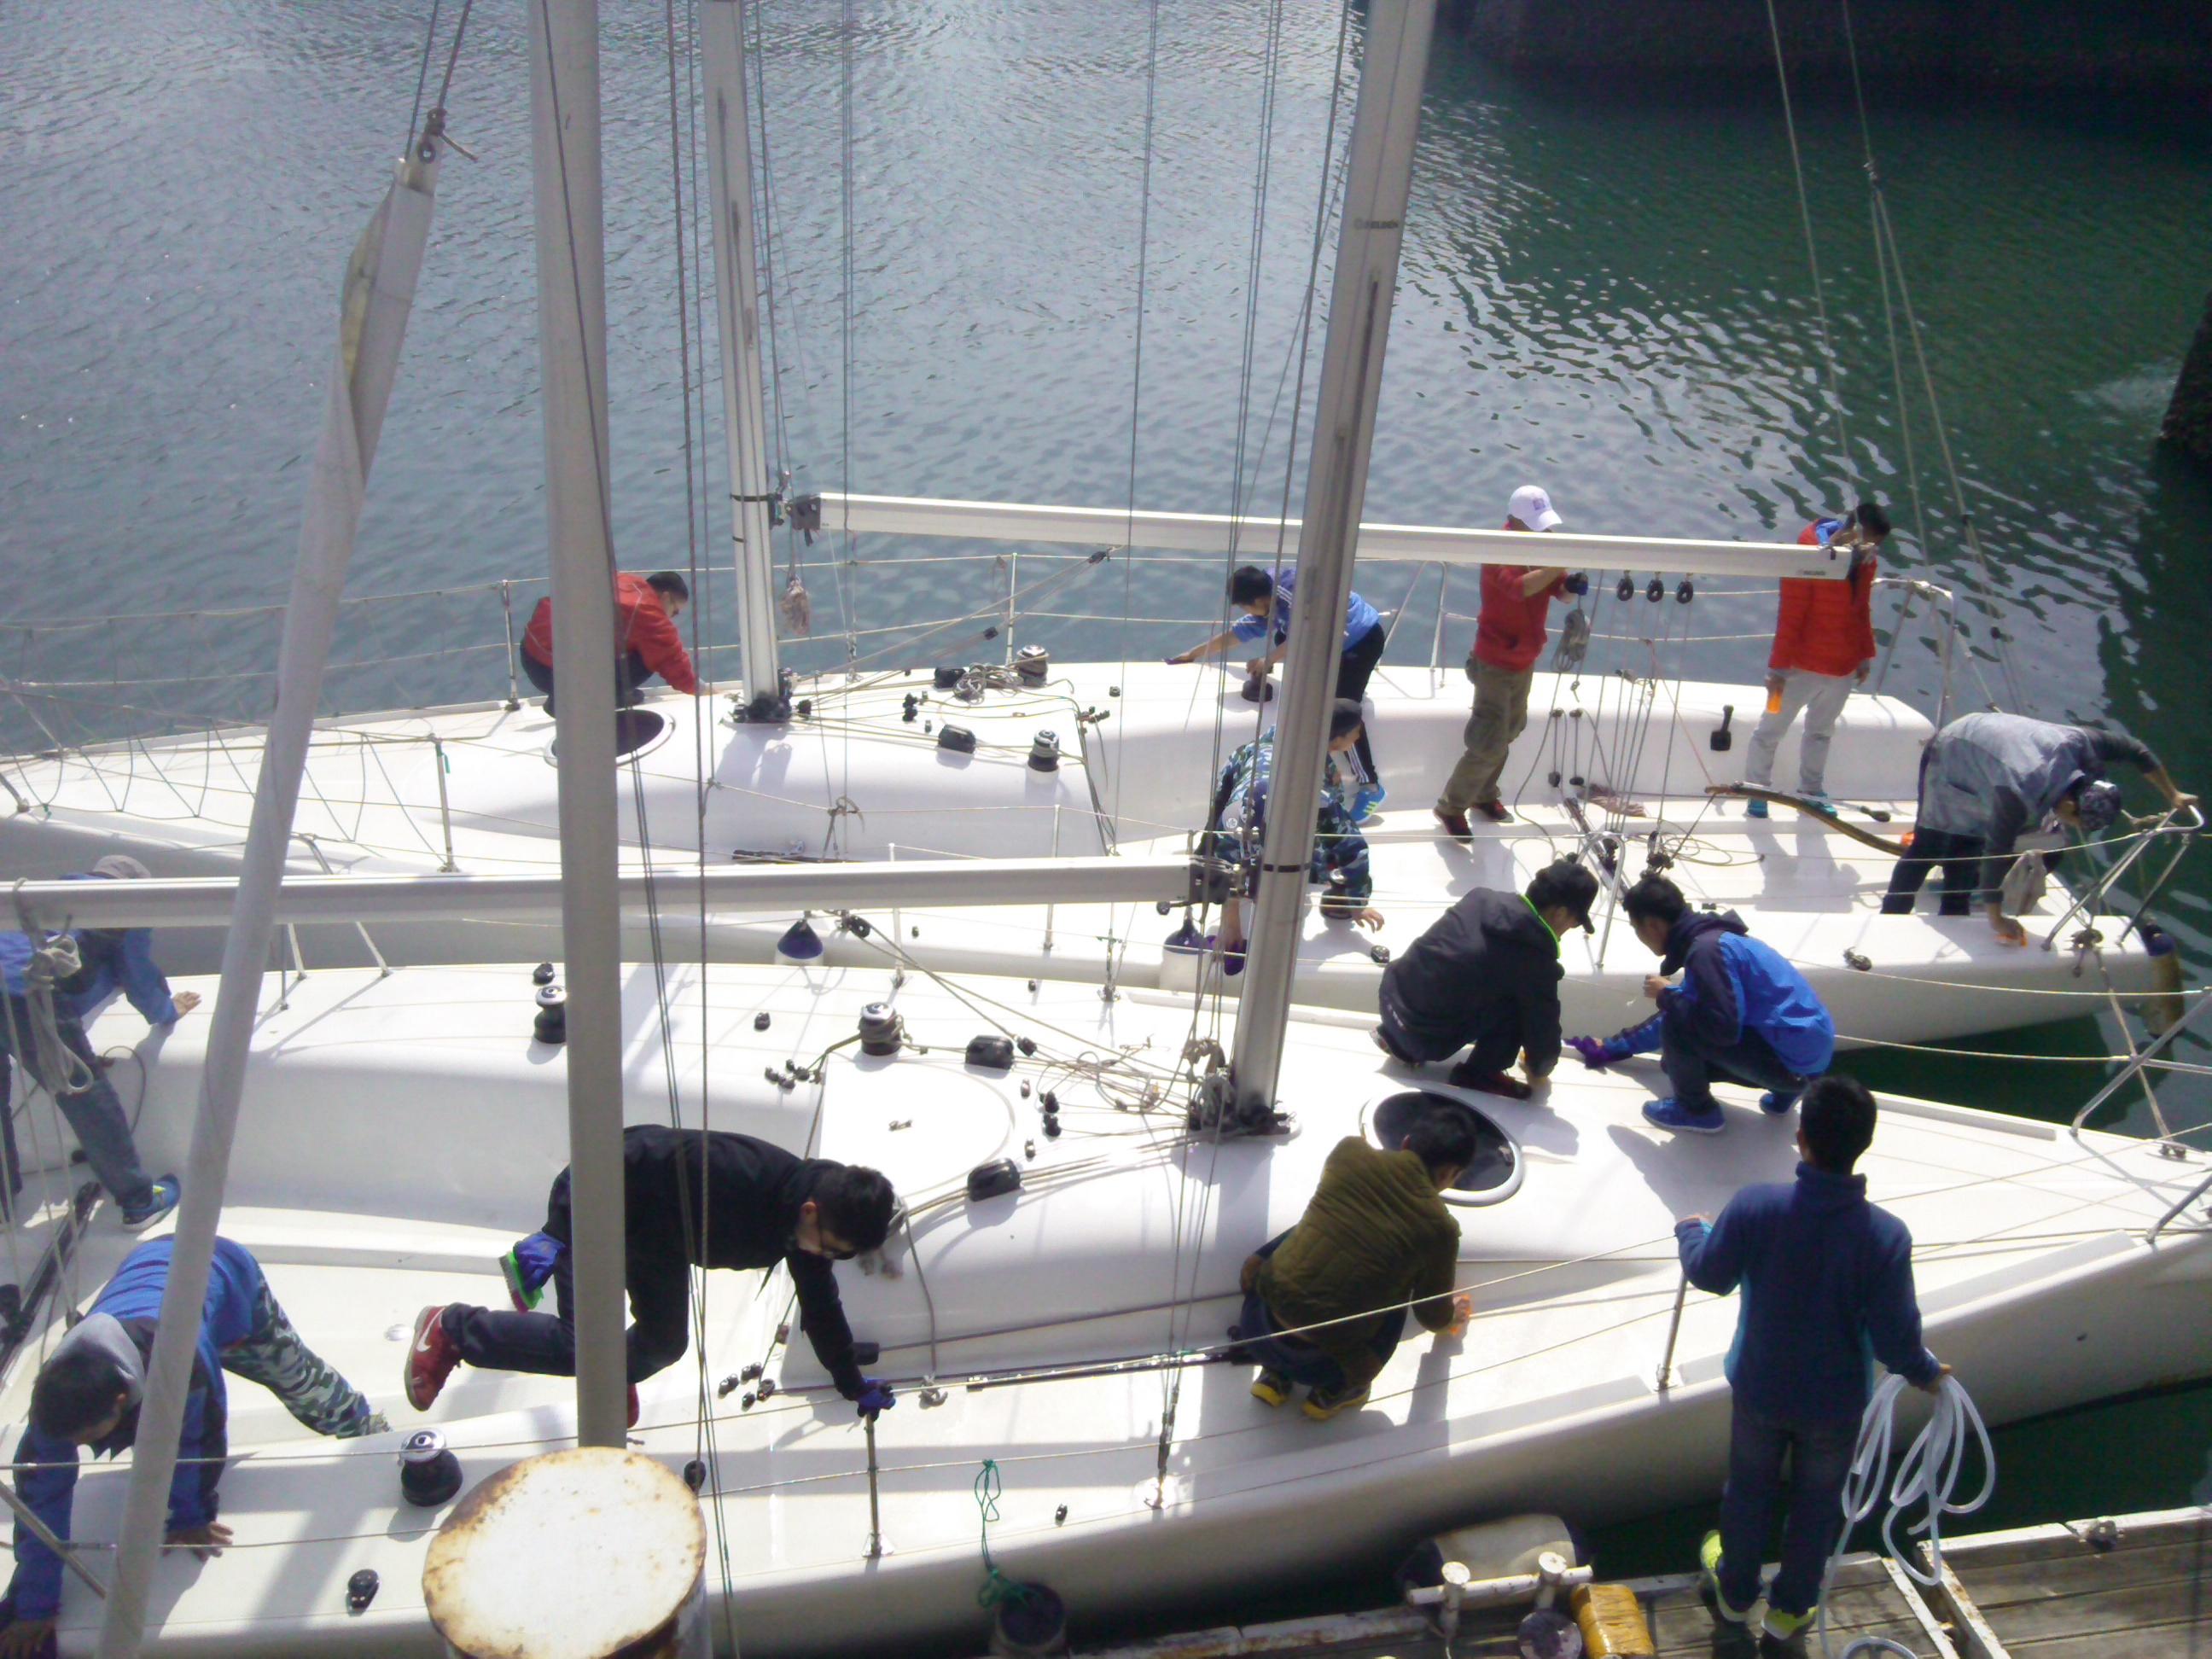 大连海事,图片,大学,帆船 大连海事大学帆船队之我们的那些事